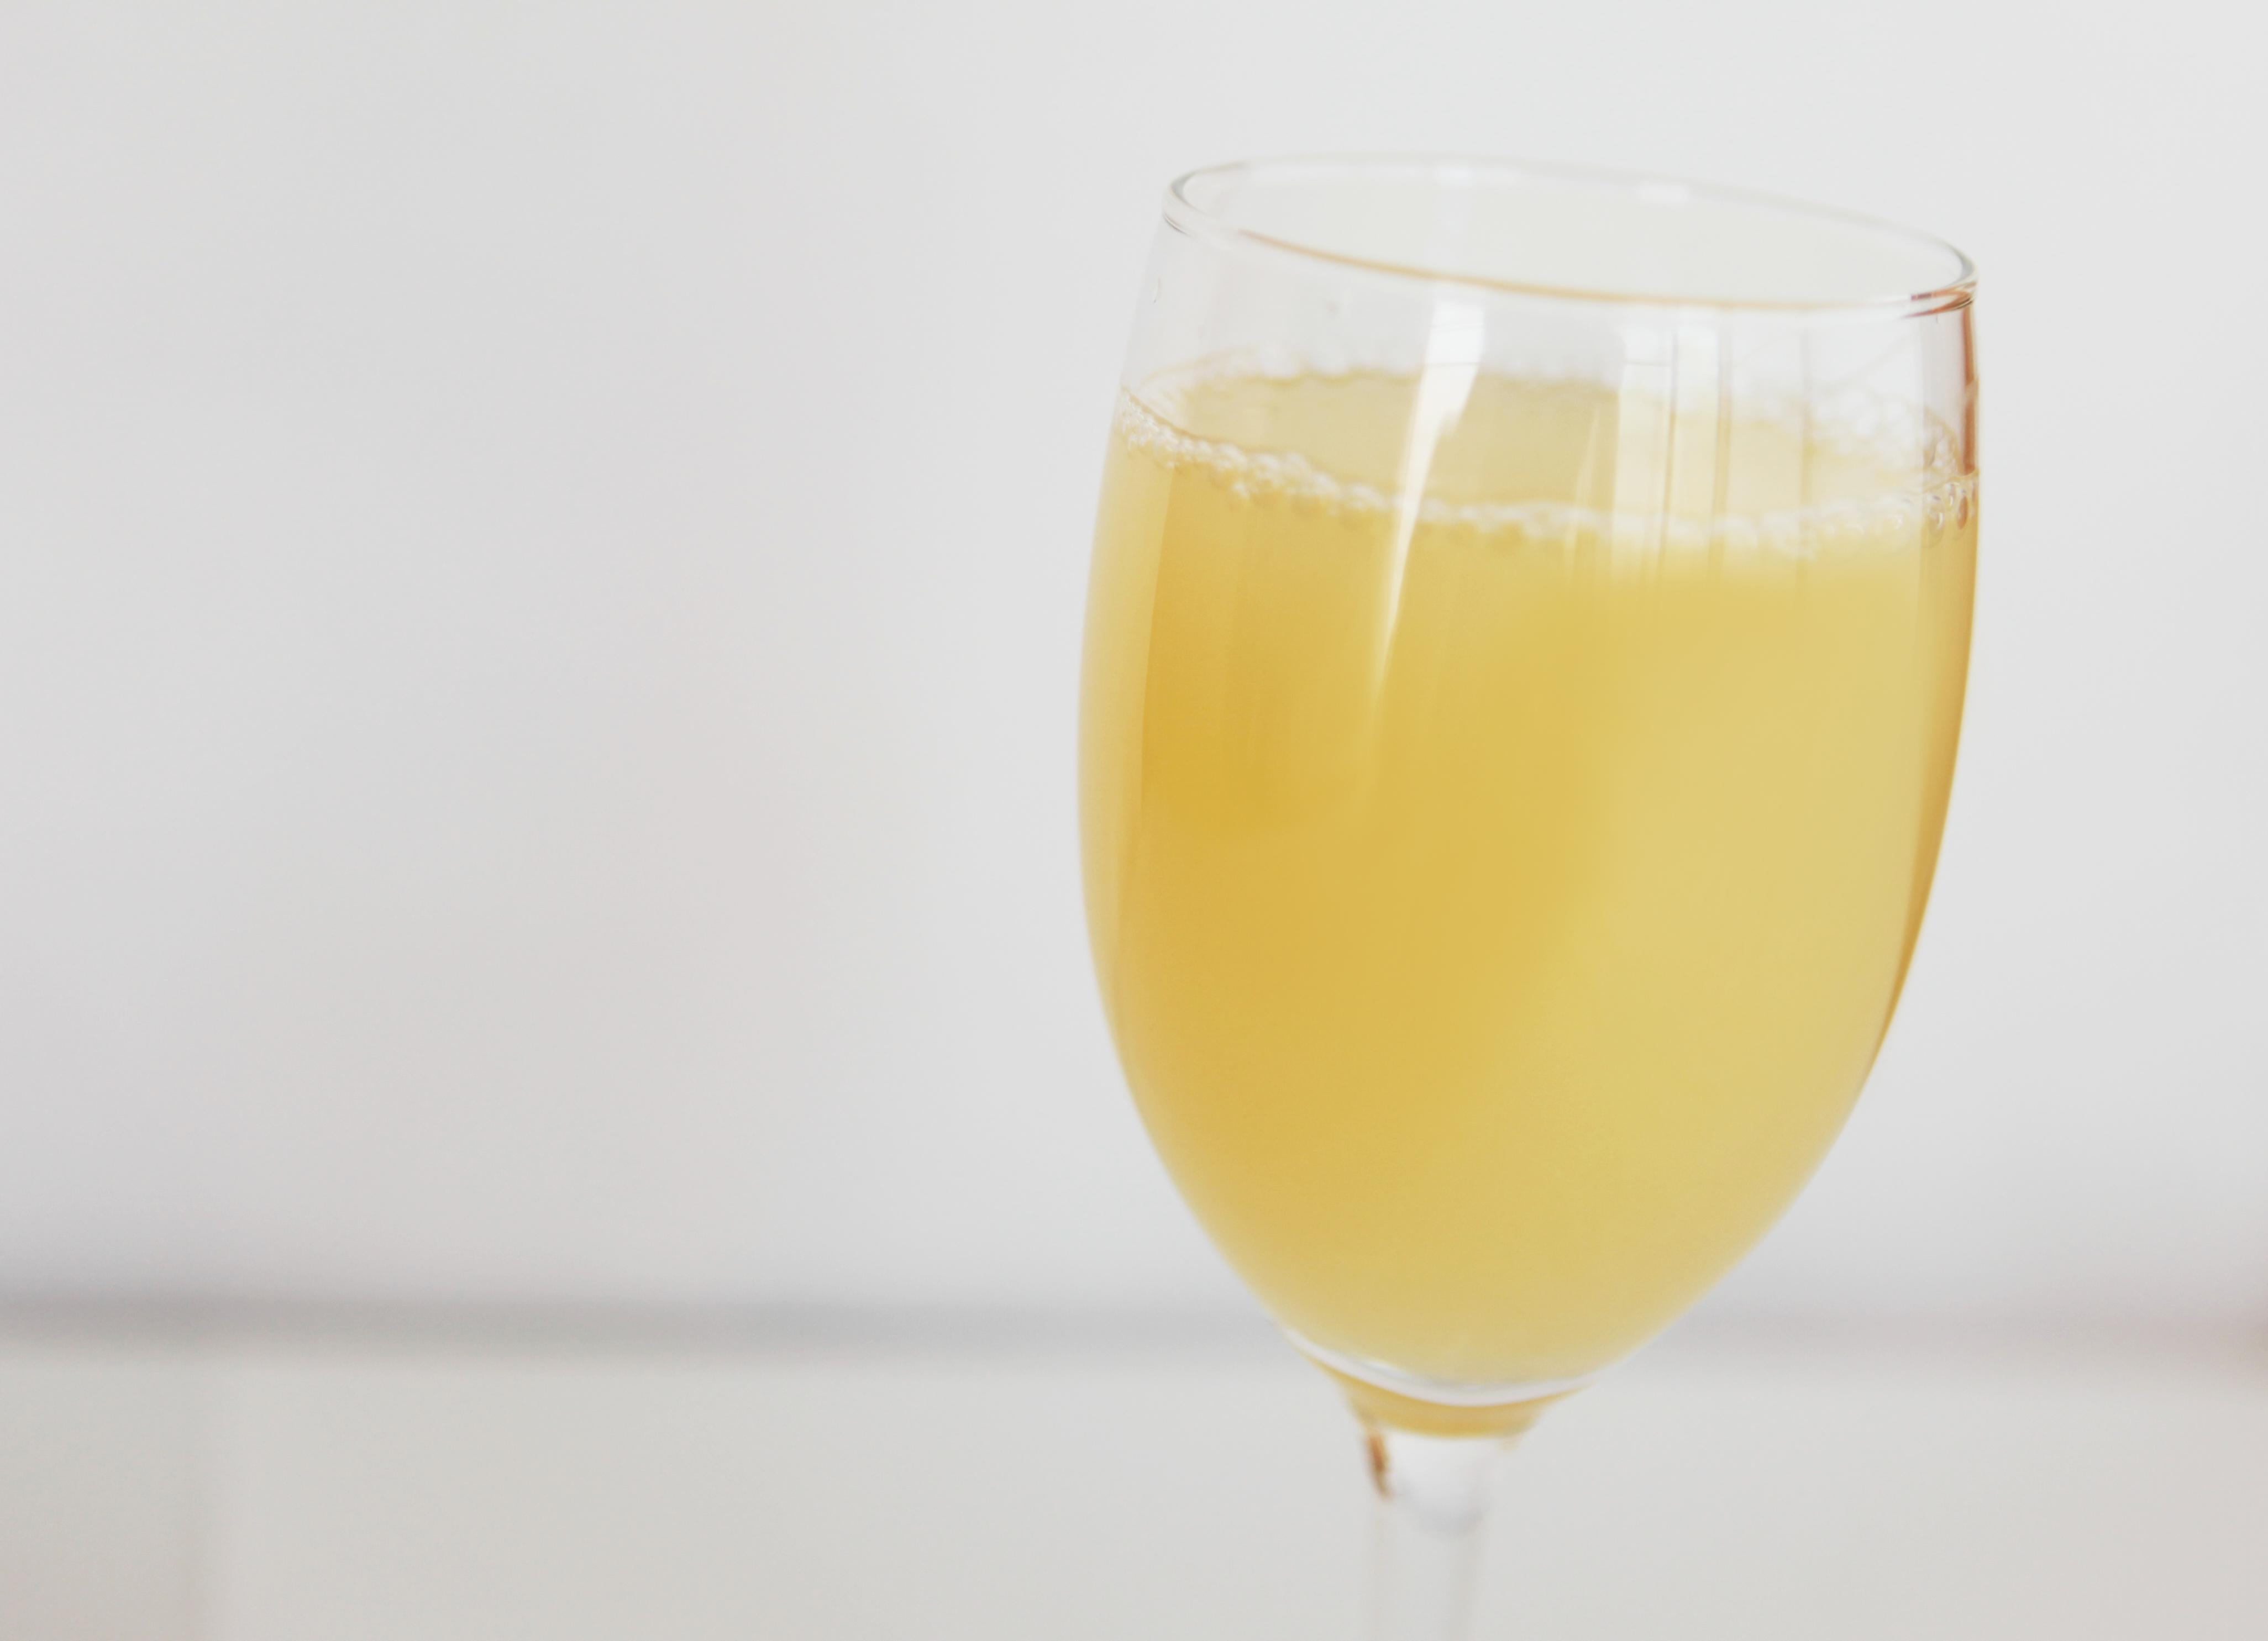 小松谷りんご園 横手増田産リンゴジュース/ラフランスジュースセット